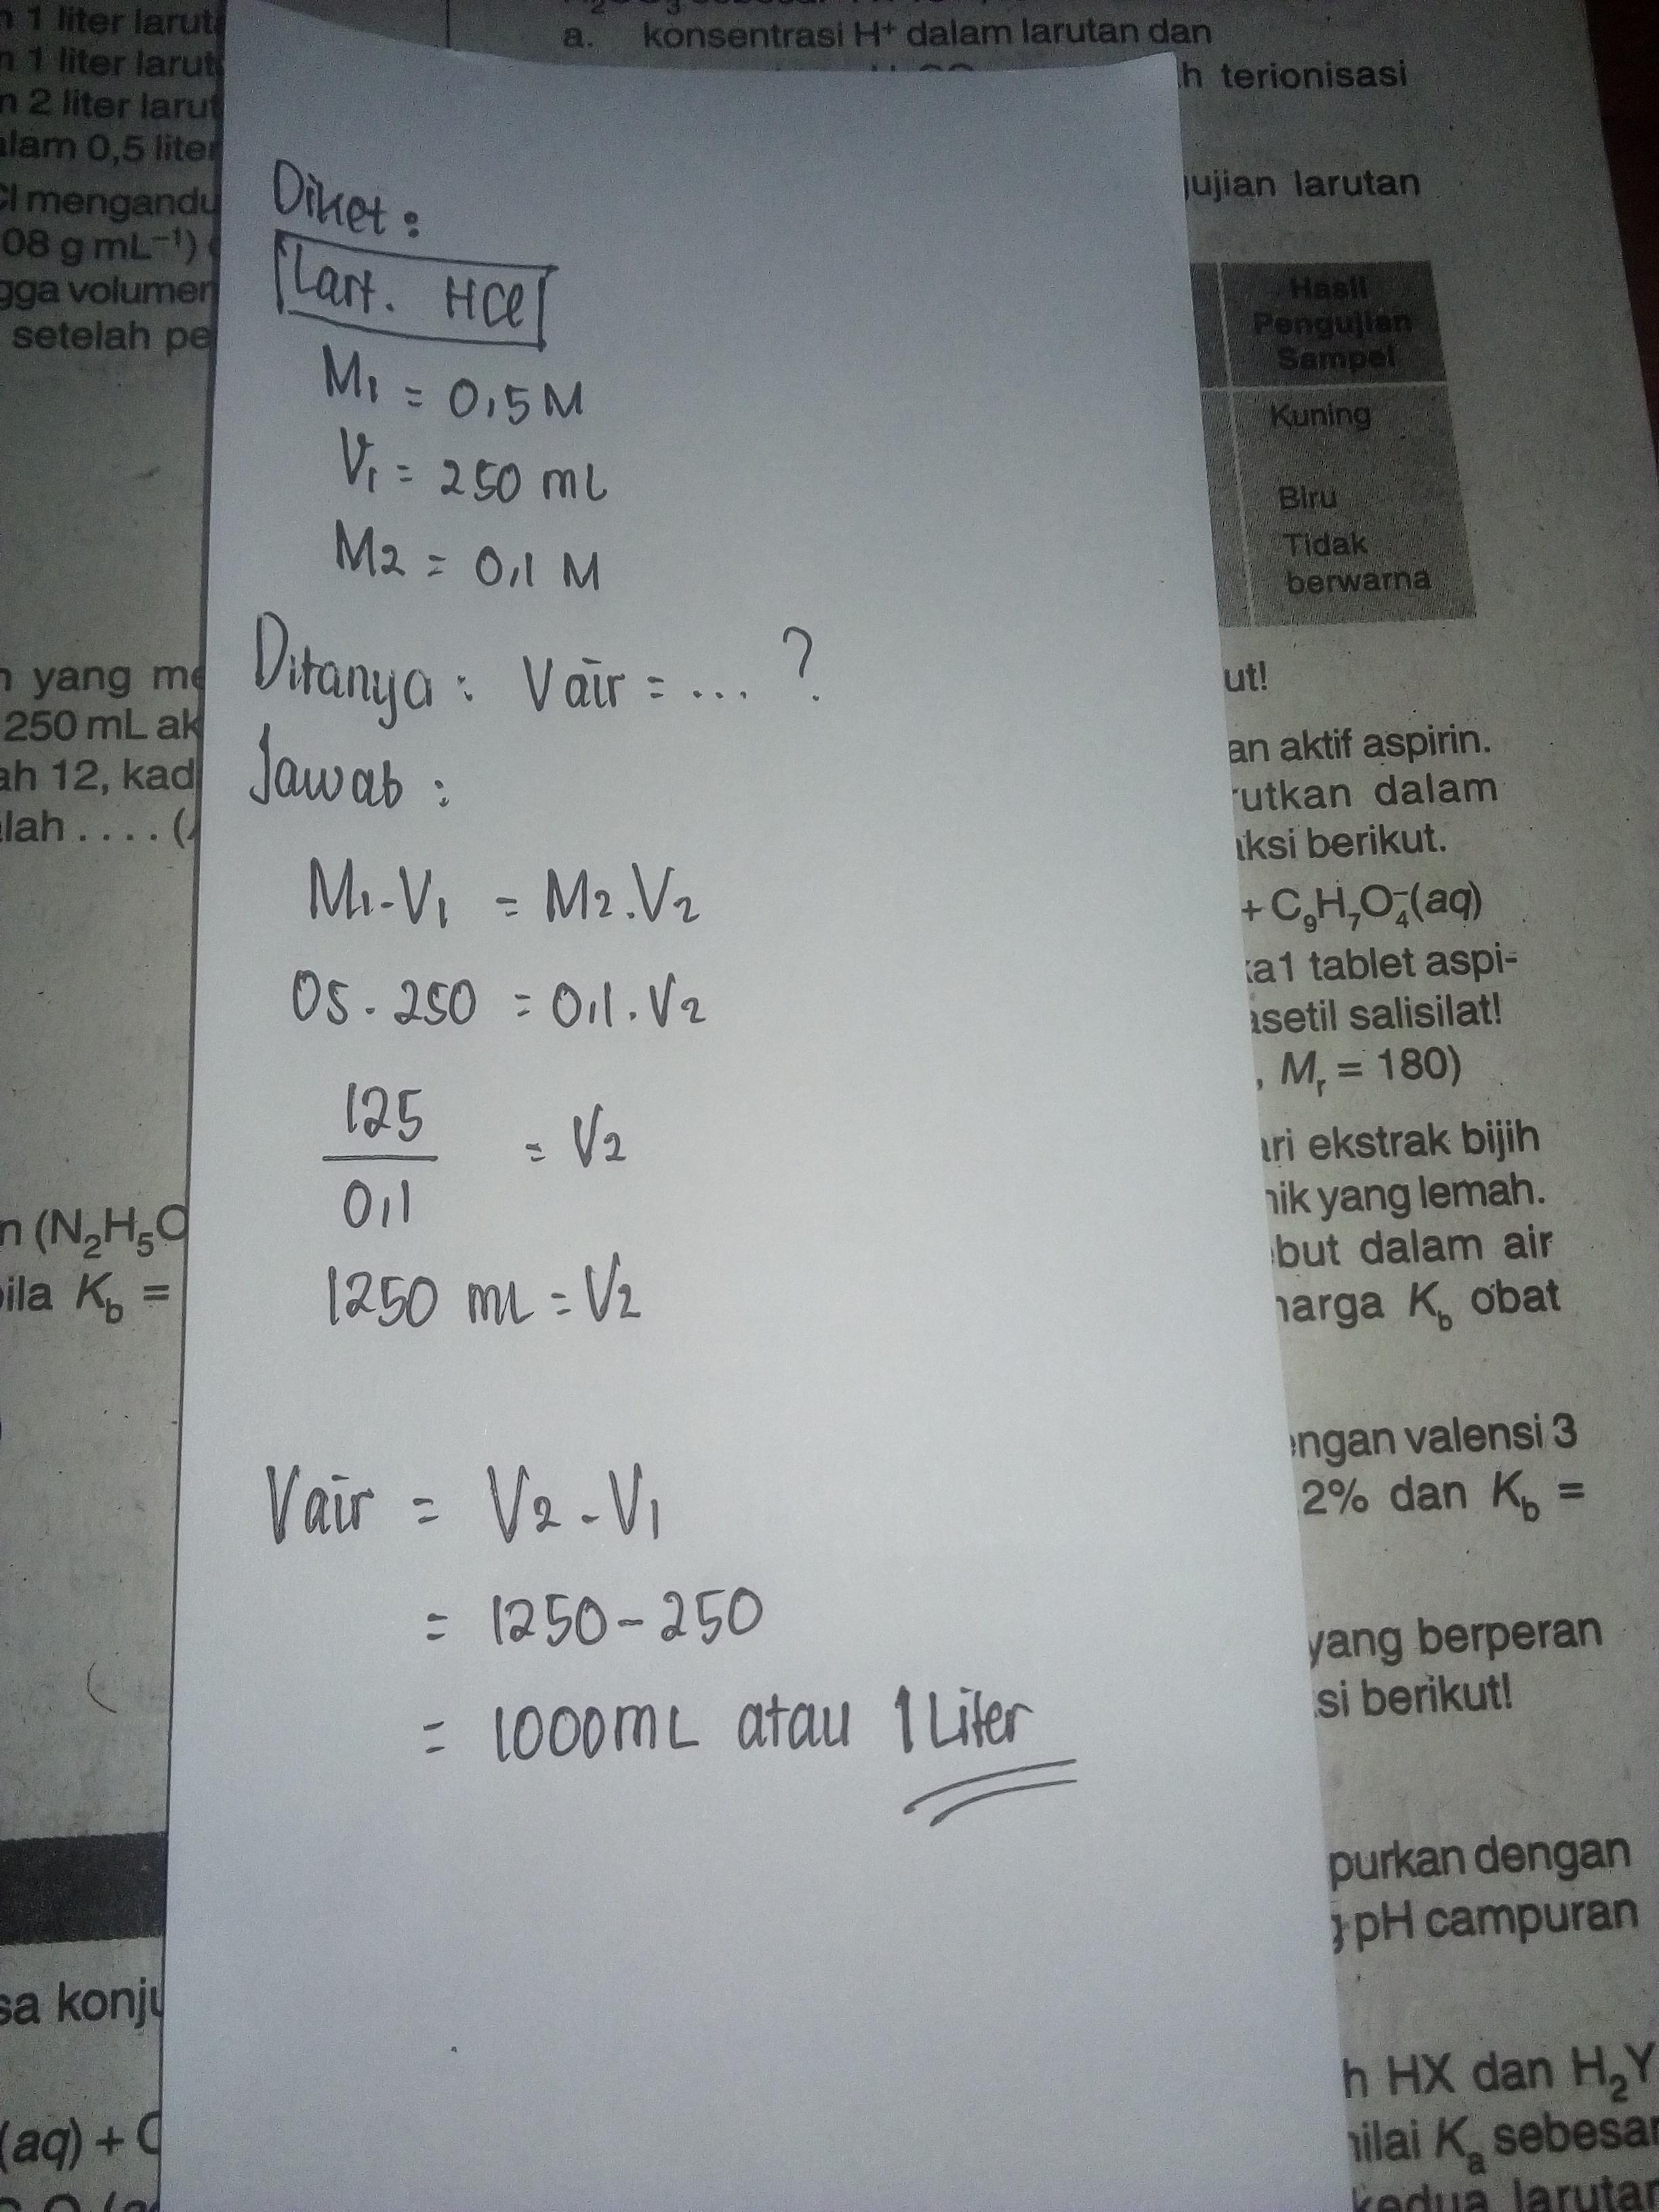 900 Cc Berapa Ml : berapa, Liter, Berapa, Sedang